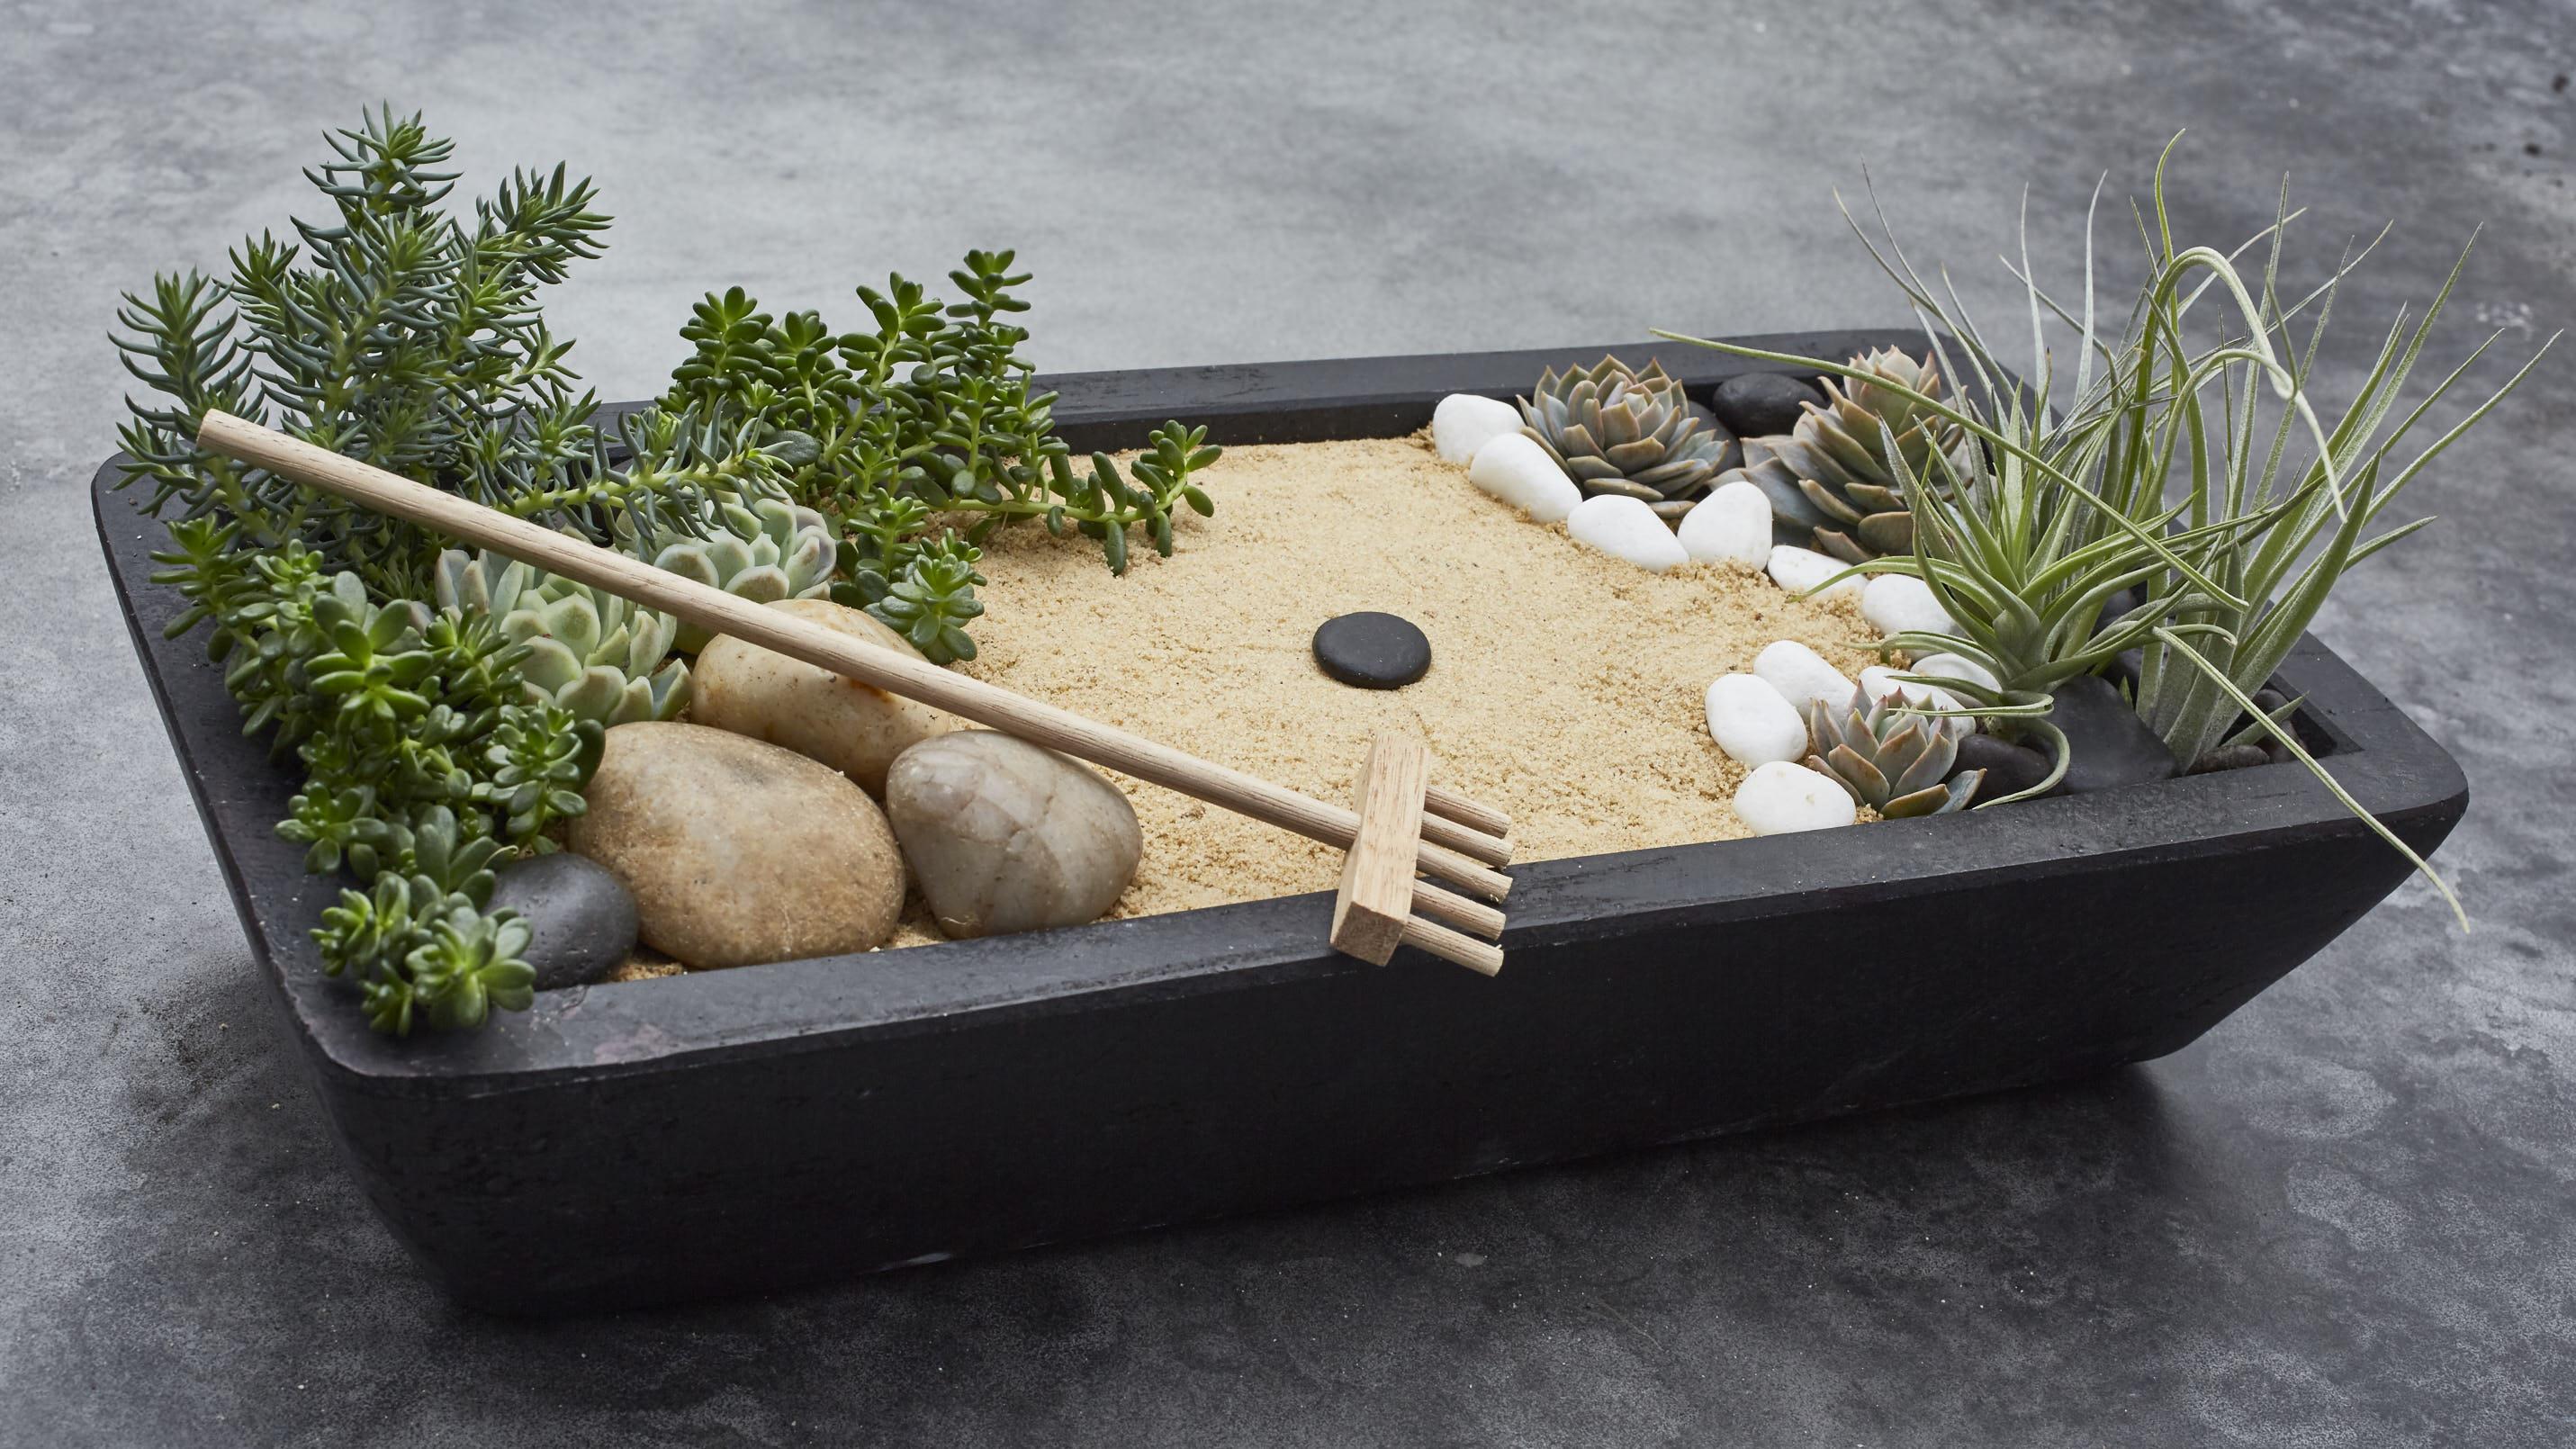 miniature zen garden with plants